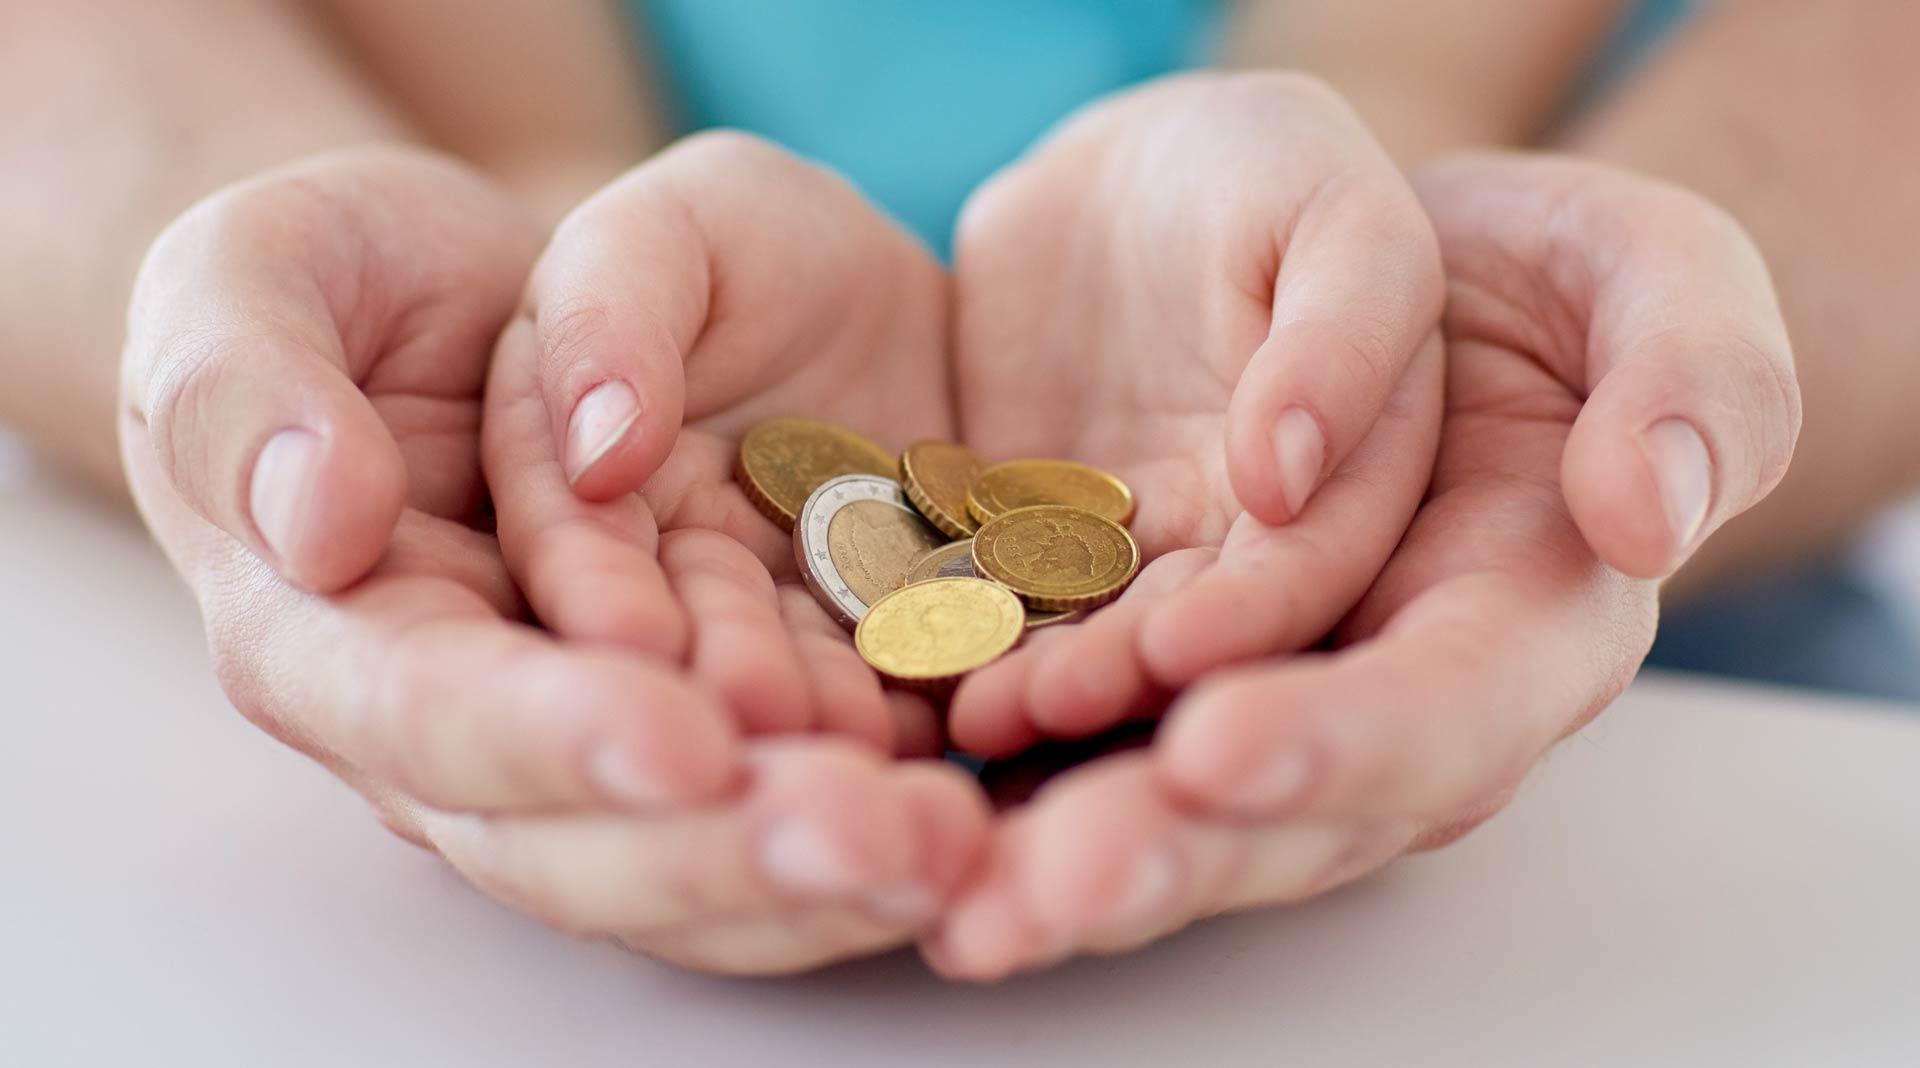 cocuk parasi kimlere verilir